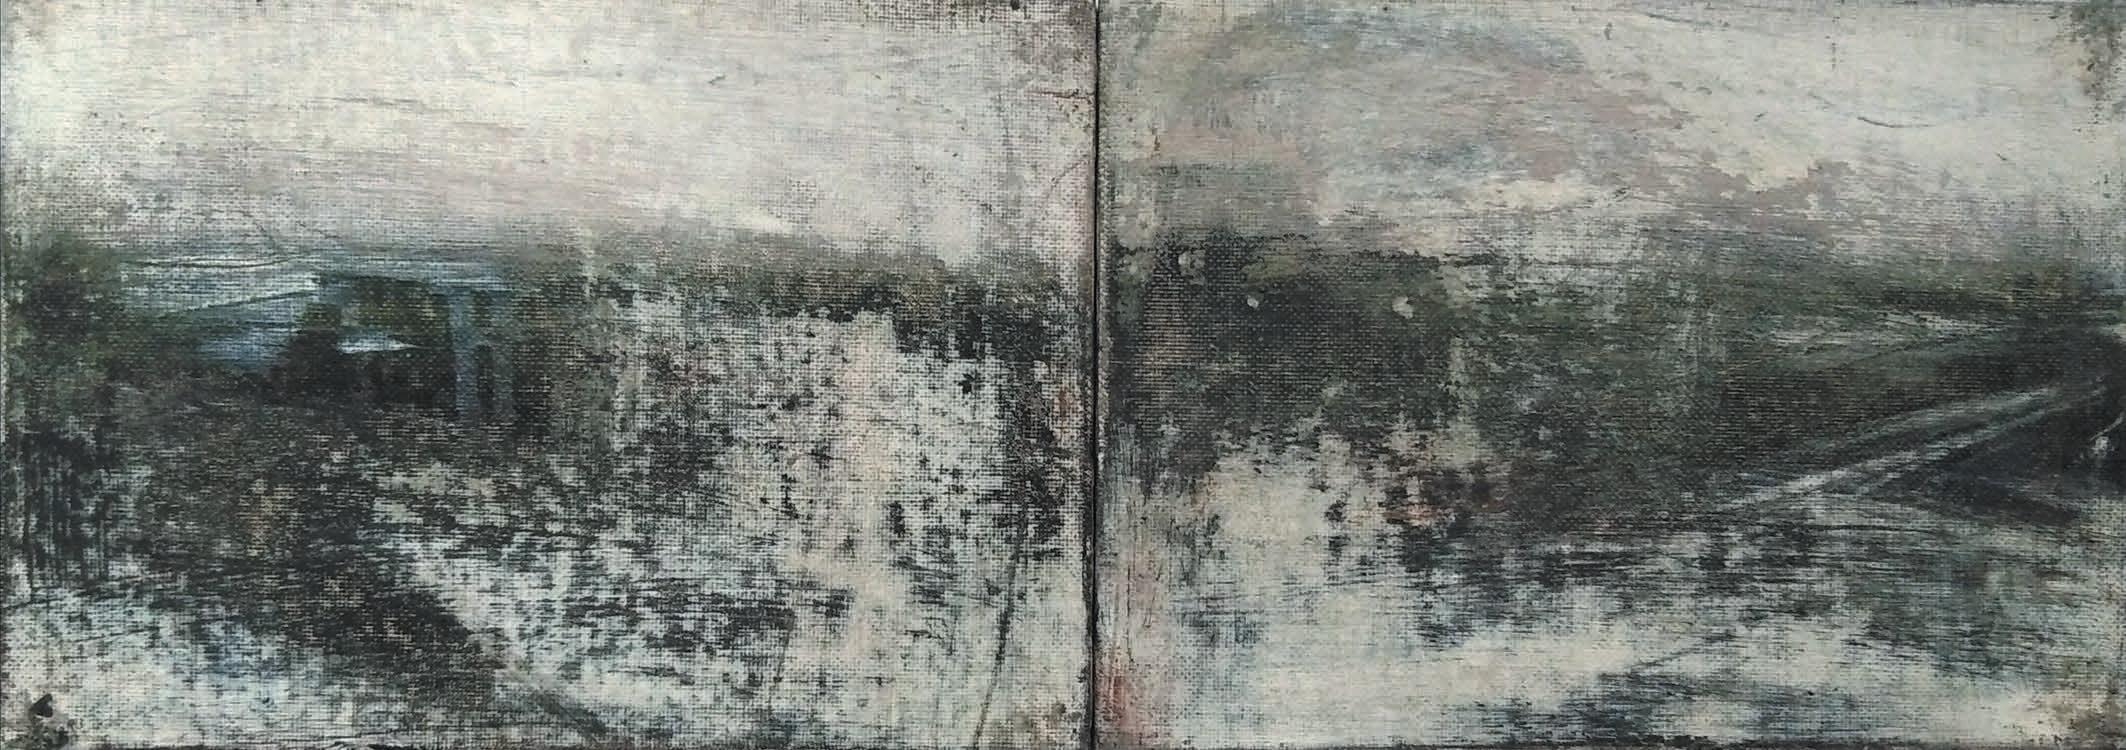 Massimo Romani, Landscape (1) - 2019 - olio su cartone telato - 13 x 36 cm